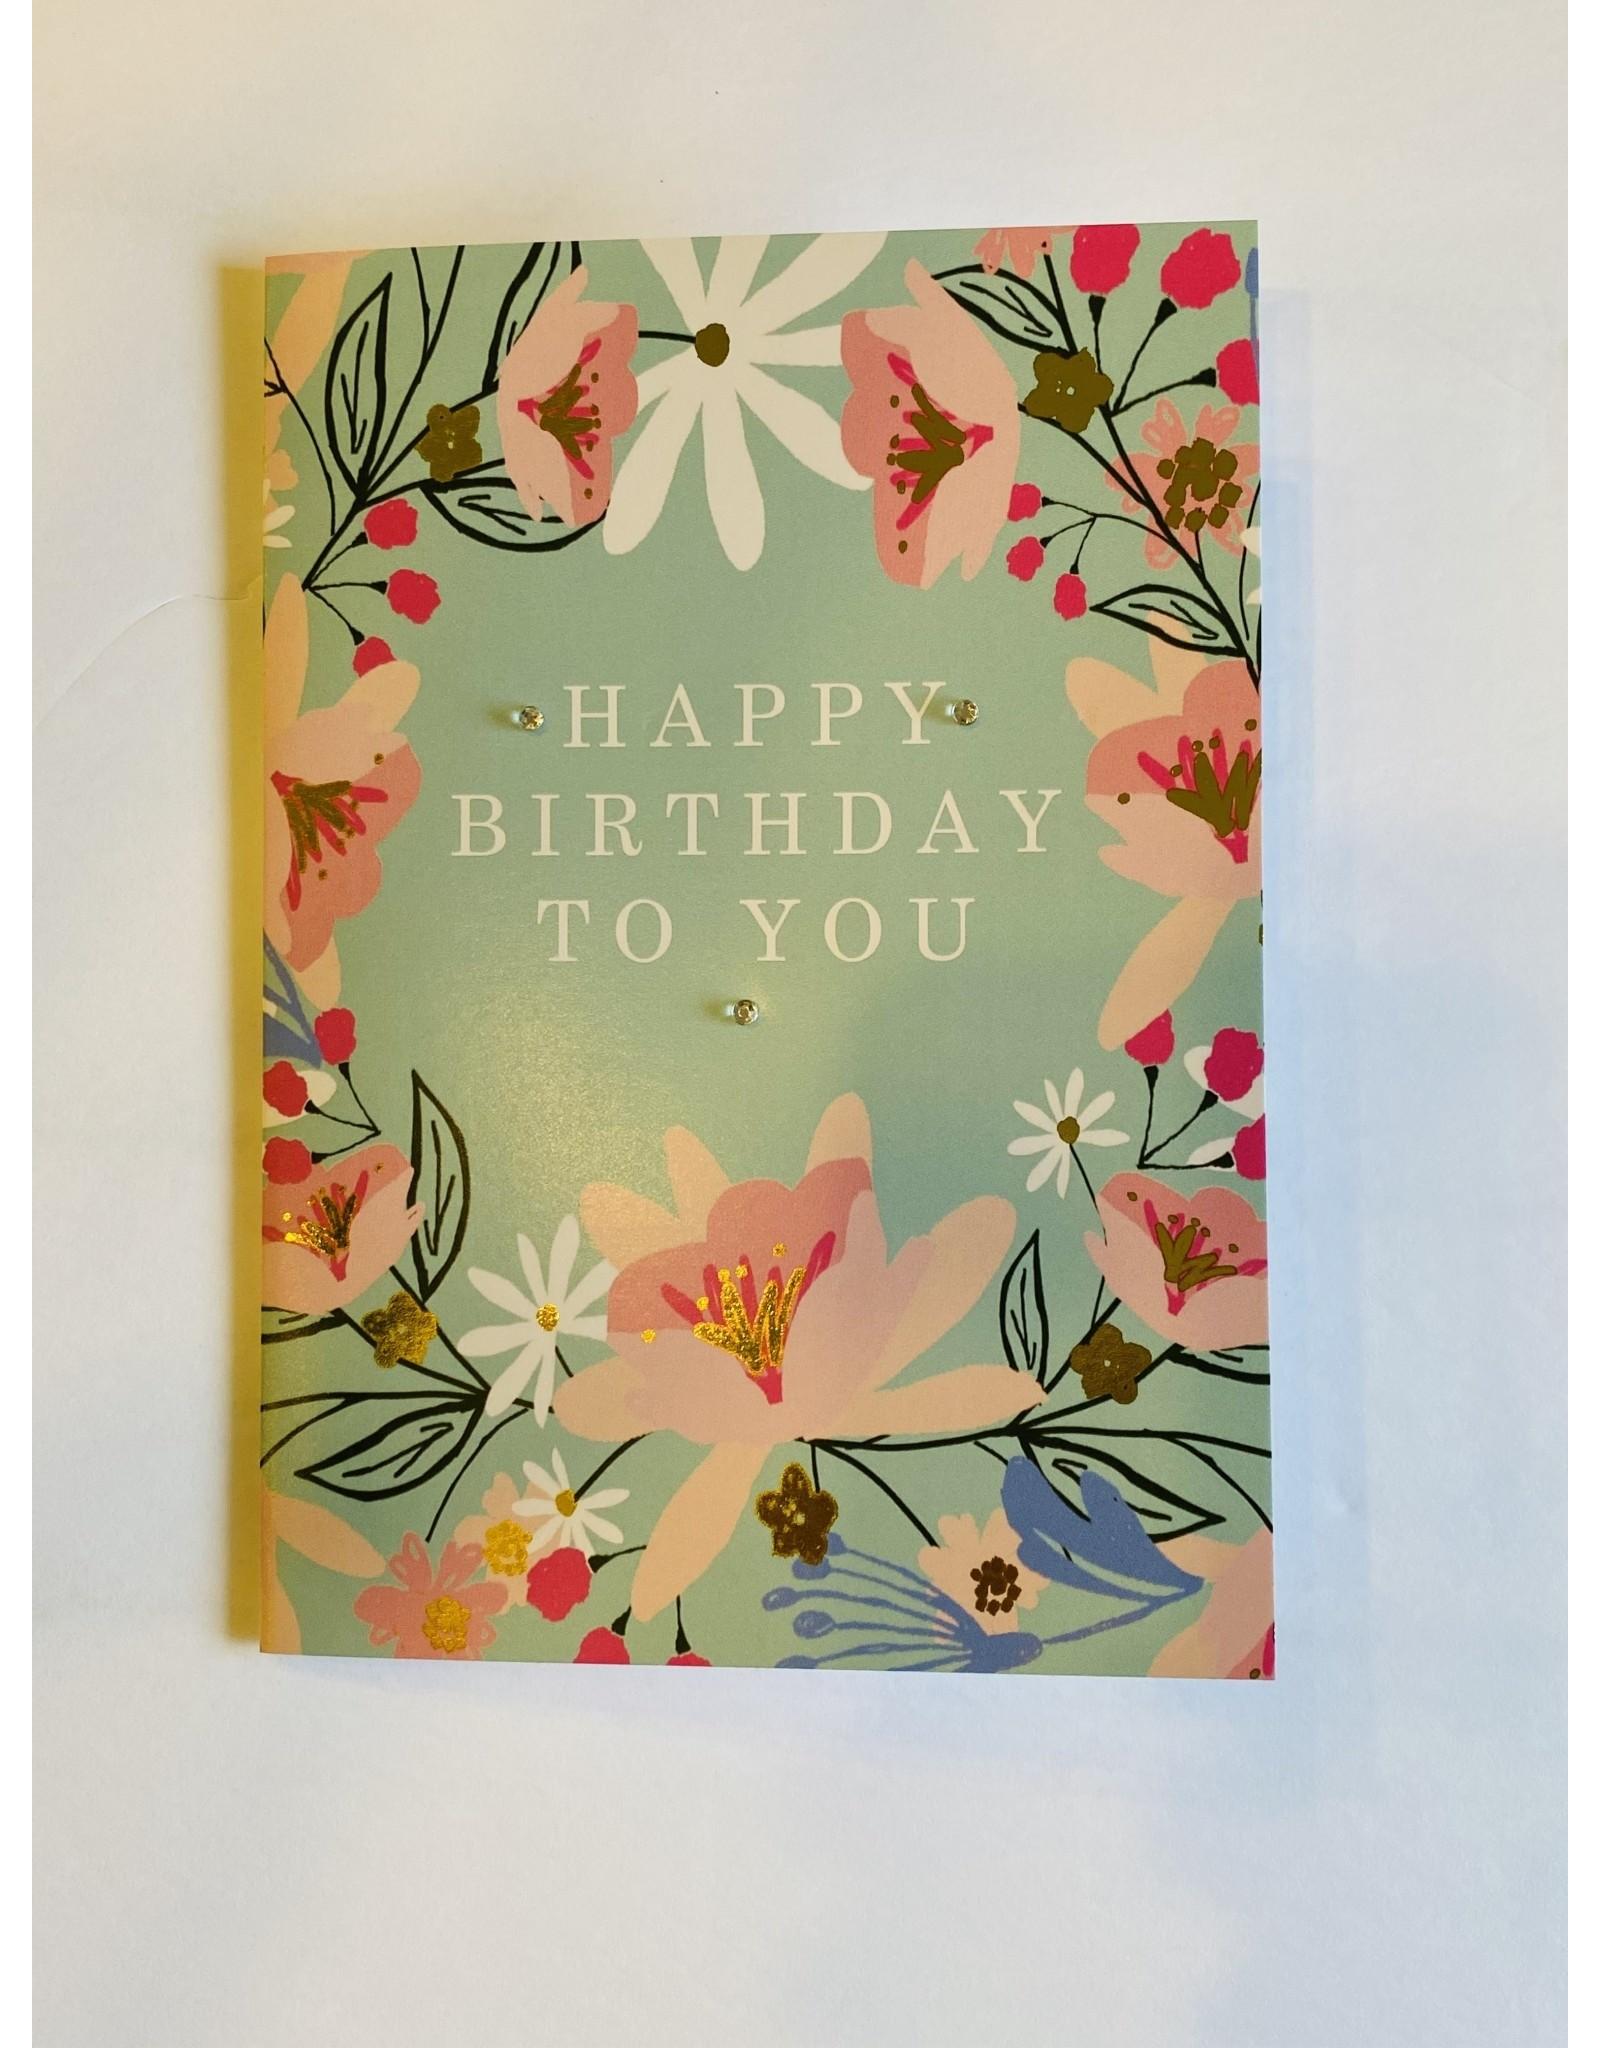 Birthday - Happy Birthday to You